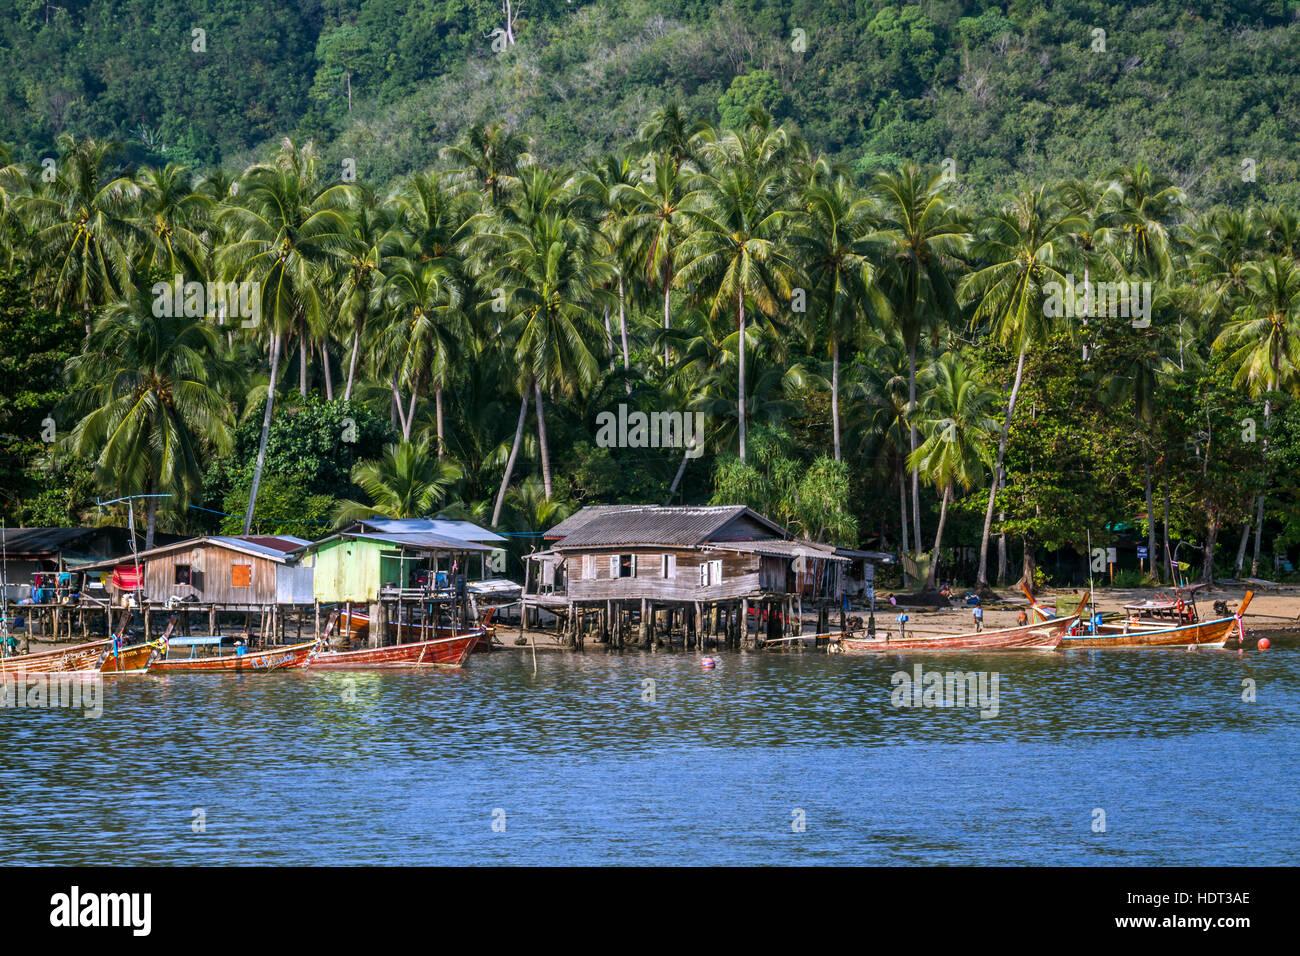 Tradicional pueblo de pescadores en la isla de Koh Muk, Tailandia Foto de stock